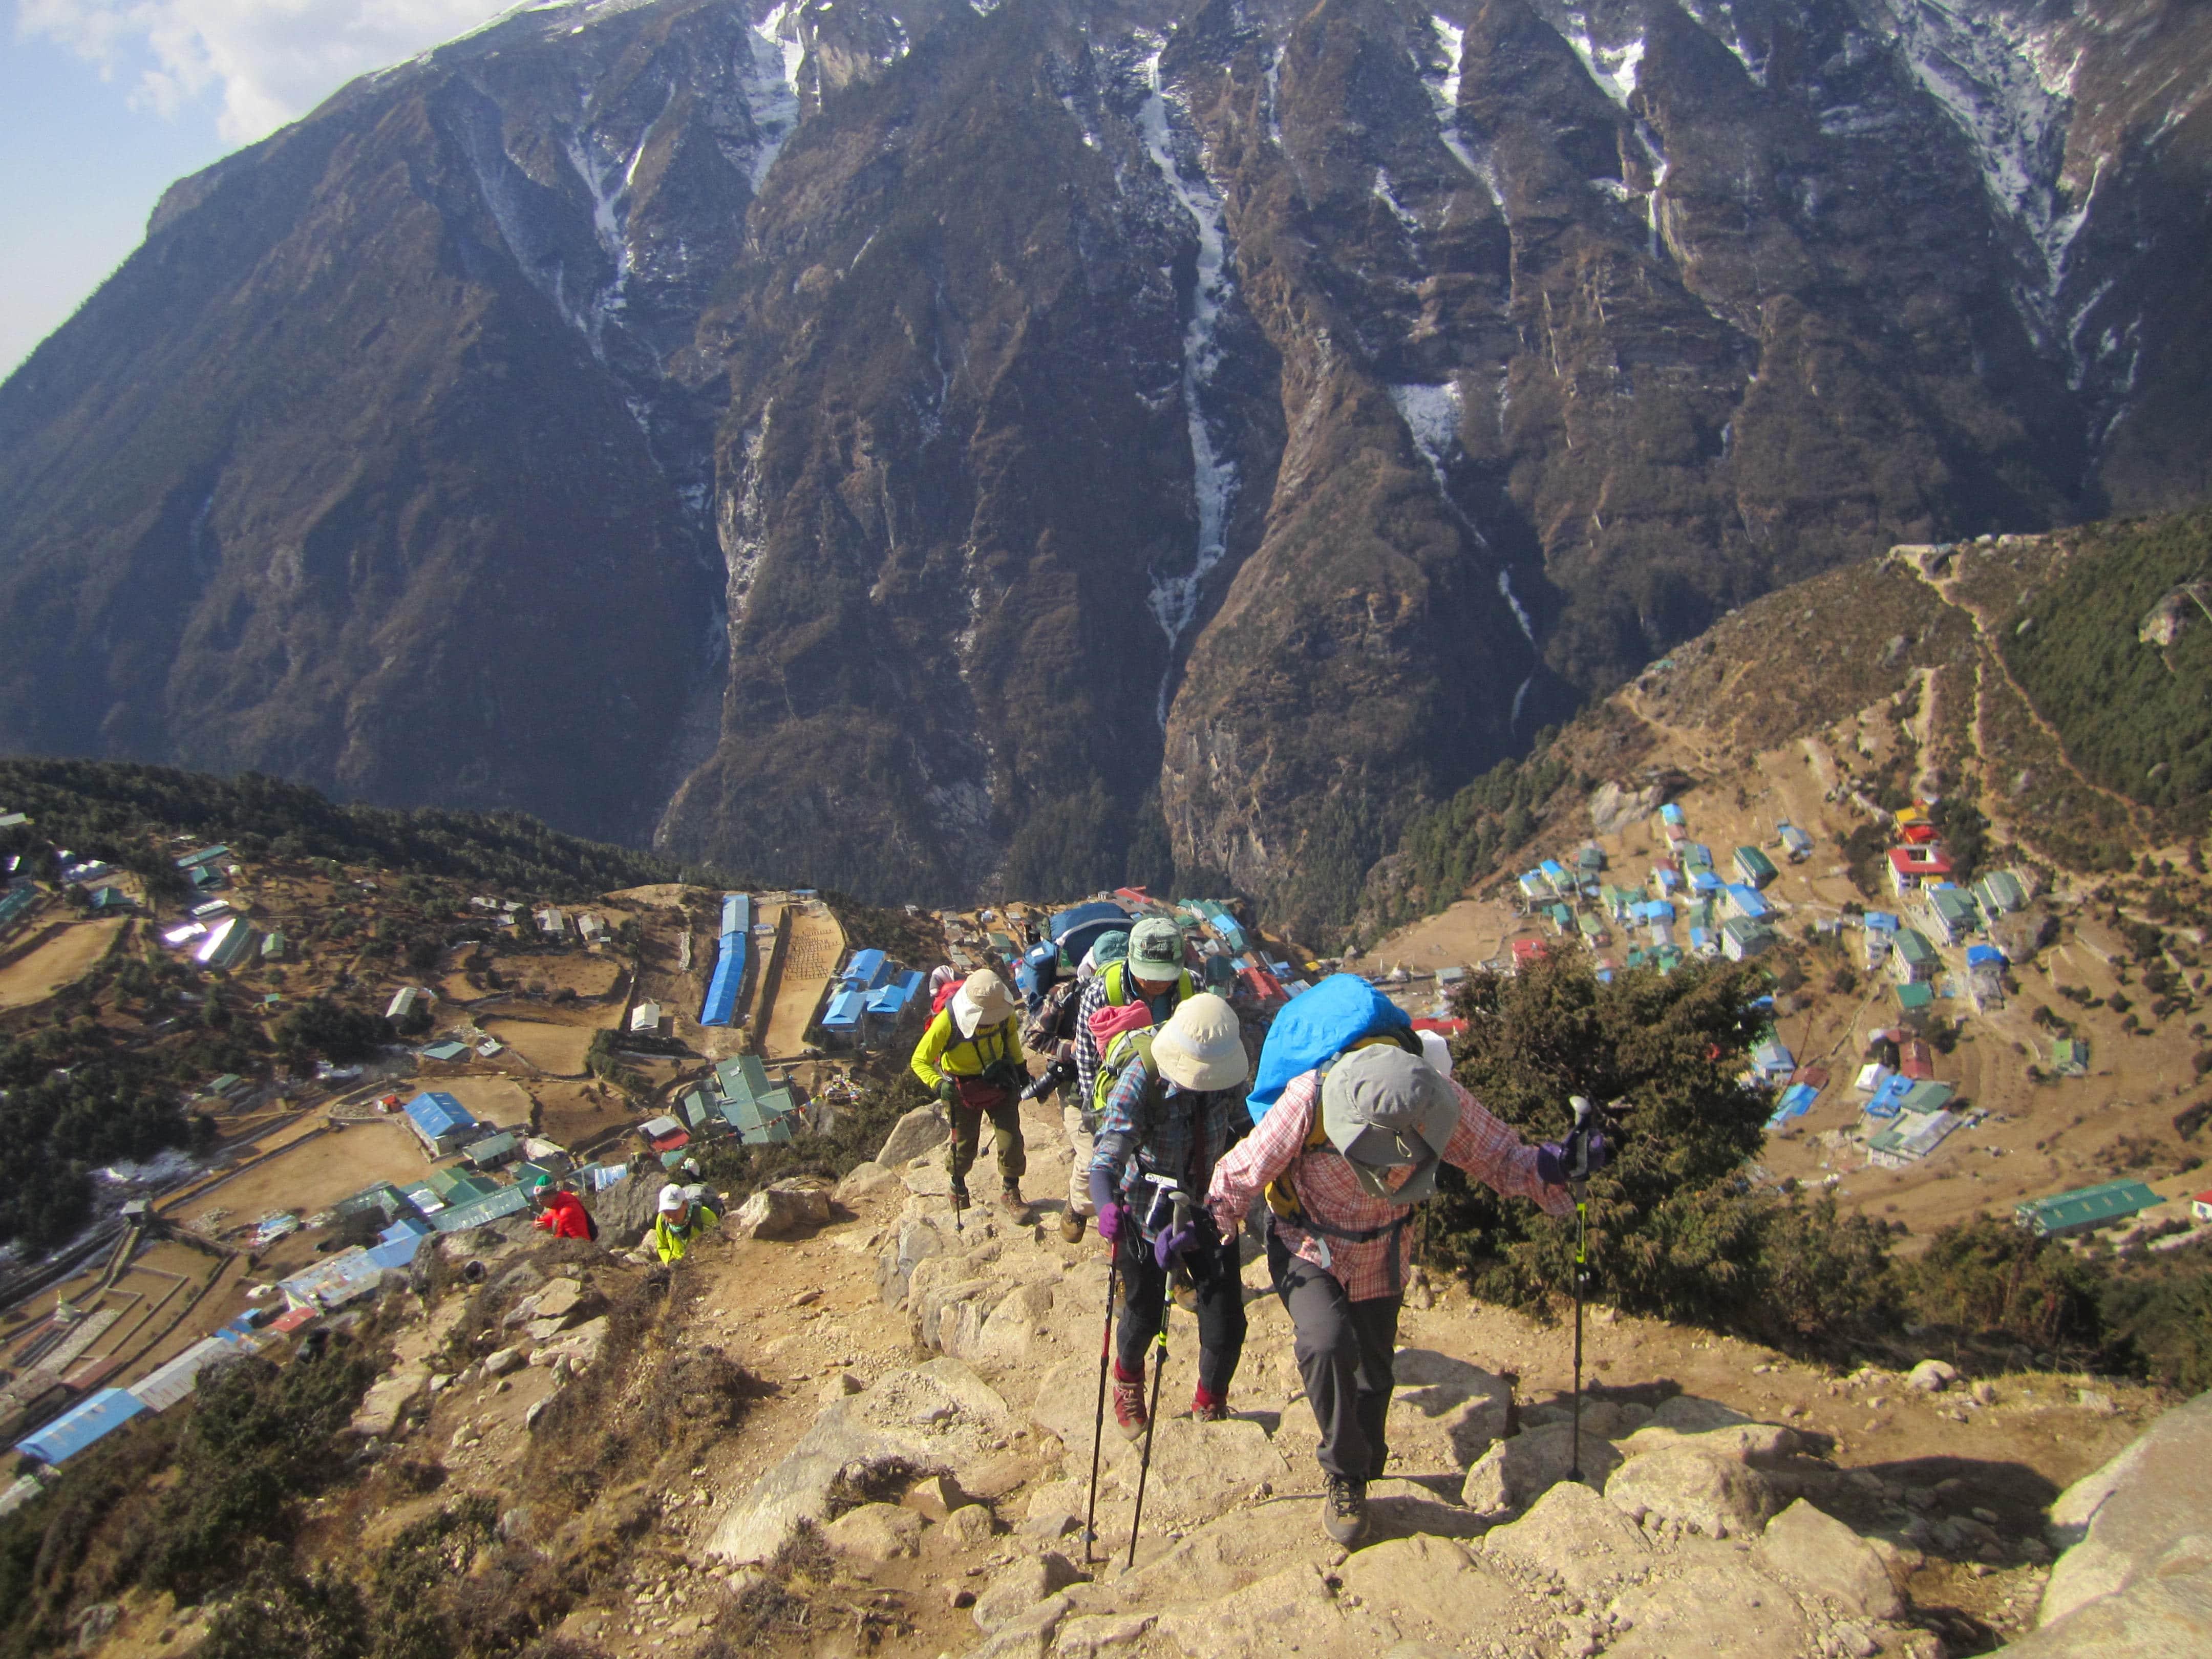 Khumbu valley trekking - Namche Bazaar